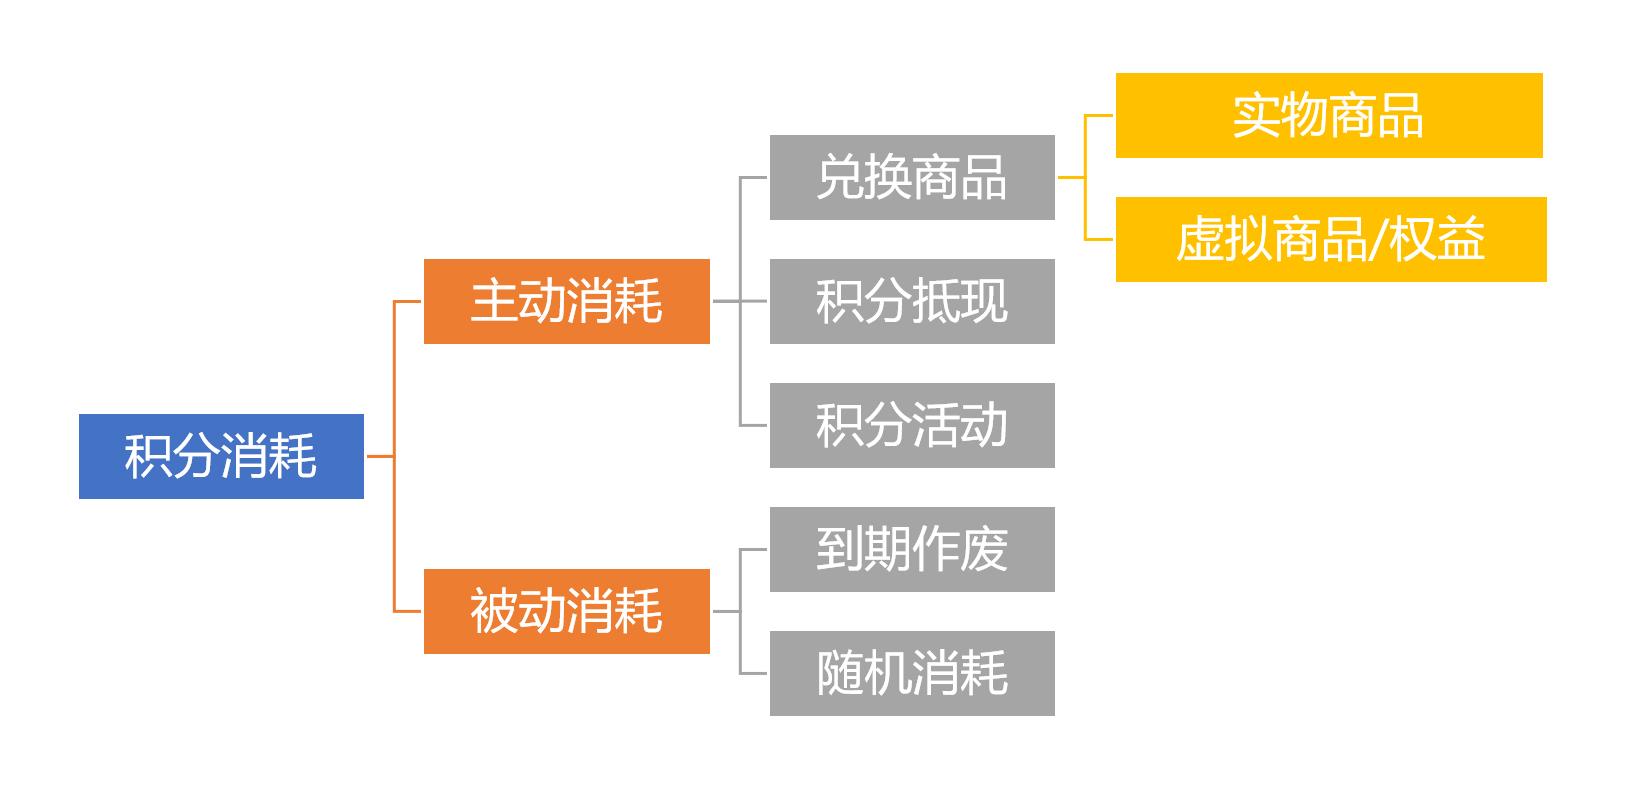 鸟哥笔记,用户运营,吴依旧,积分体系,会员运营,留存,用户运营